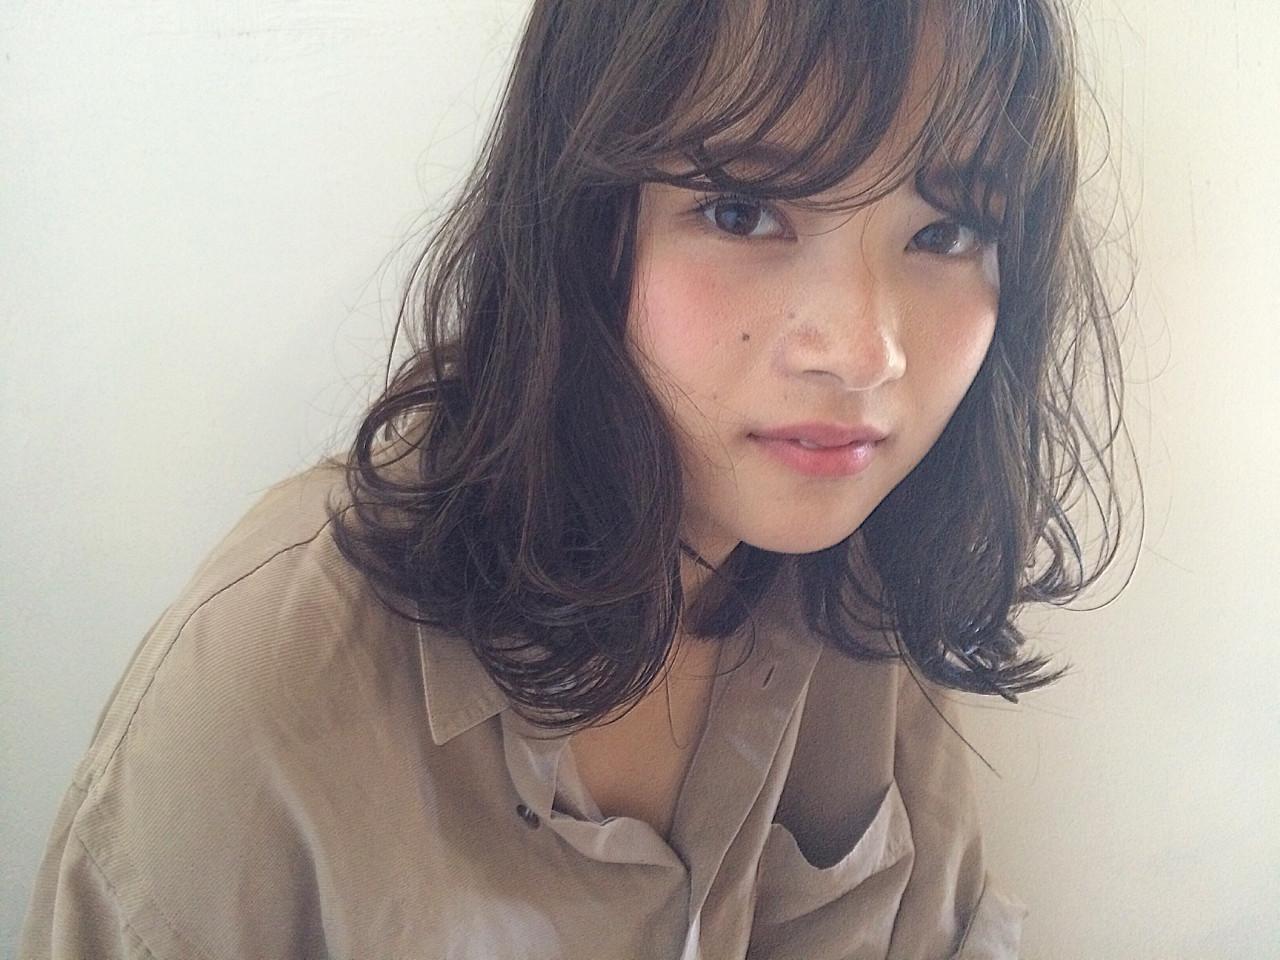 パーマ ミディアム 暗髪 ハイライト ヘアスタイルや髪型の写真・画像